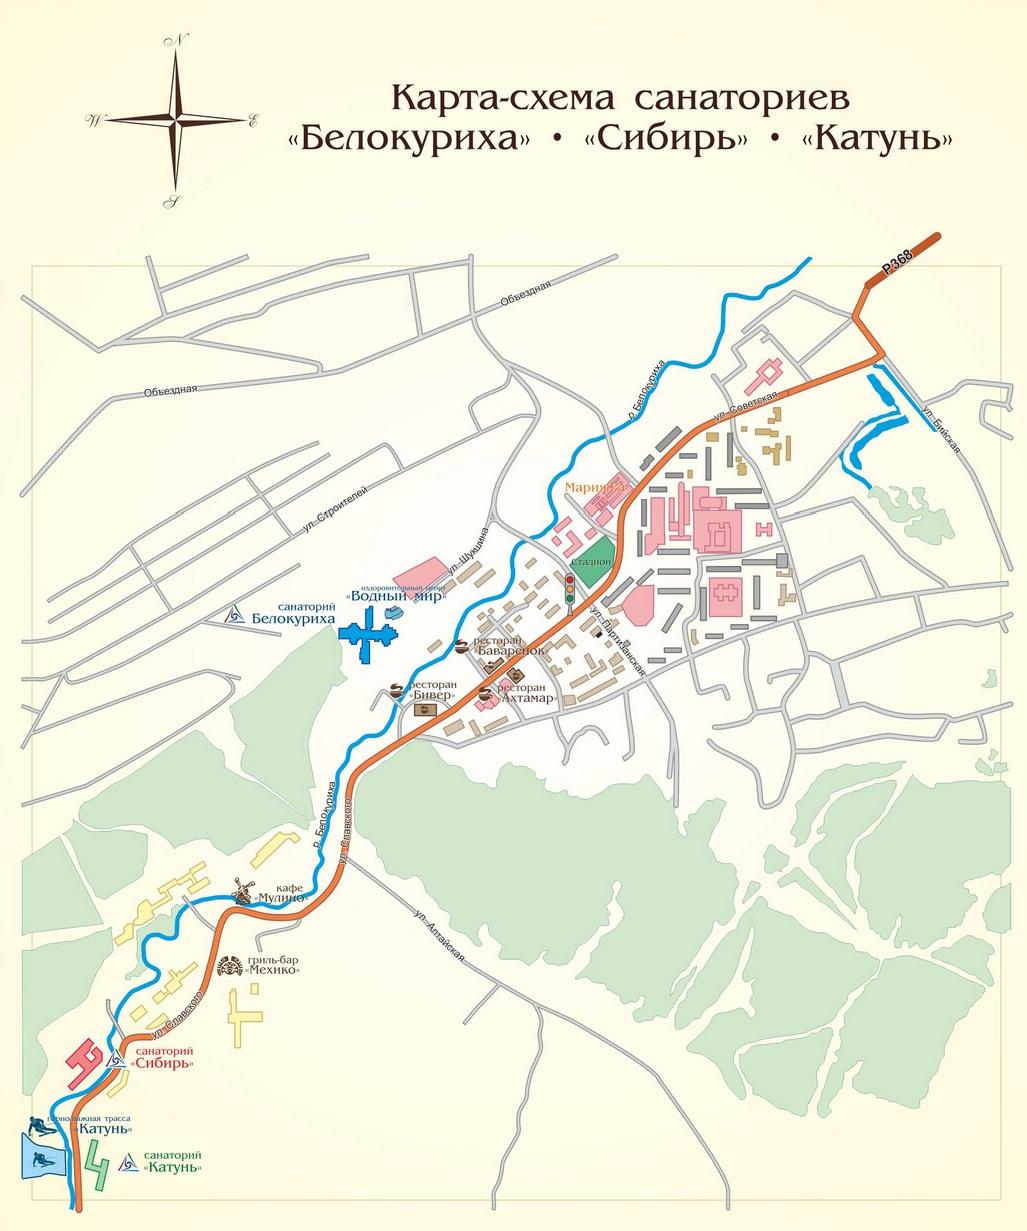 Схема туристических маршрутов белокуриха 2